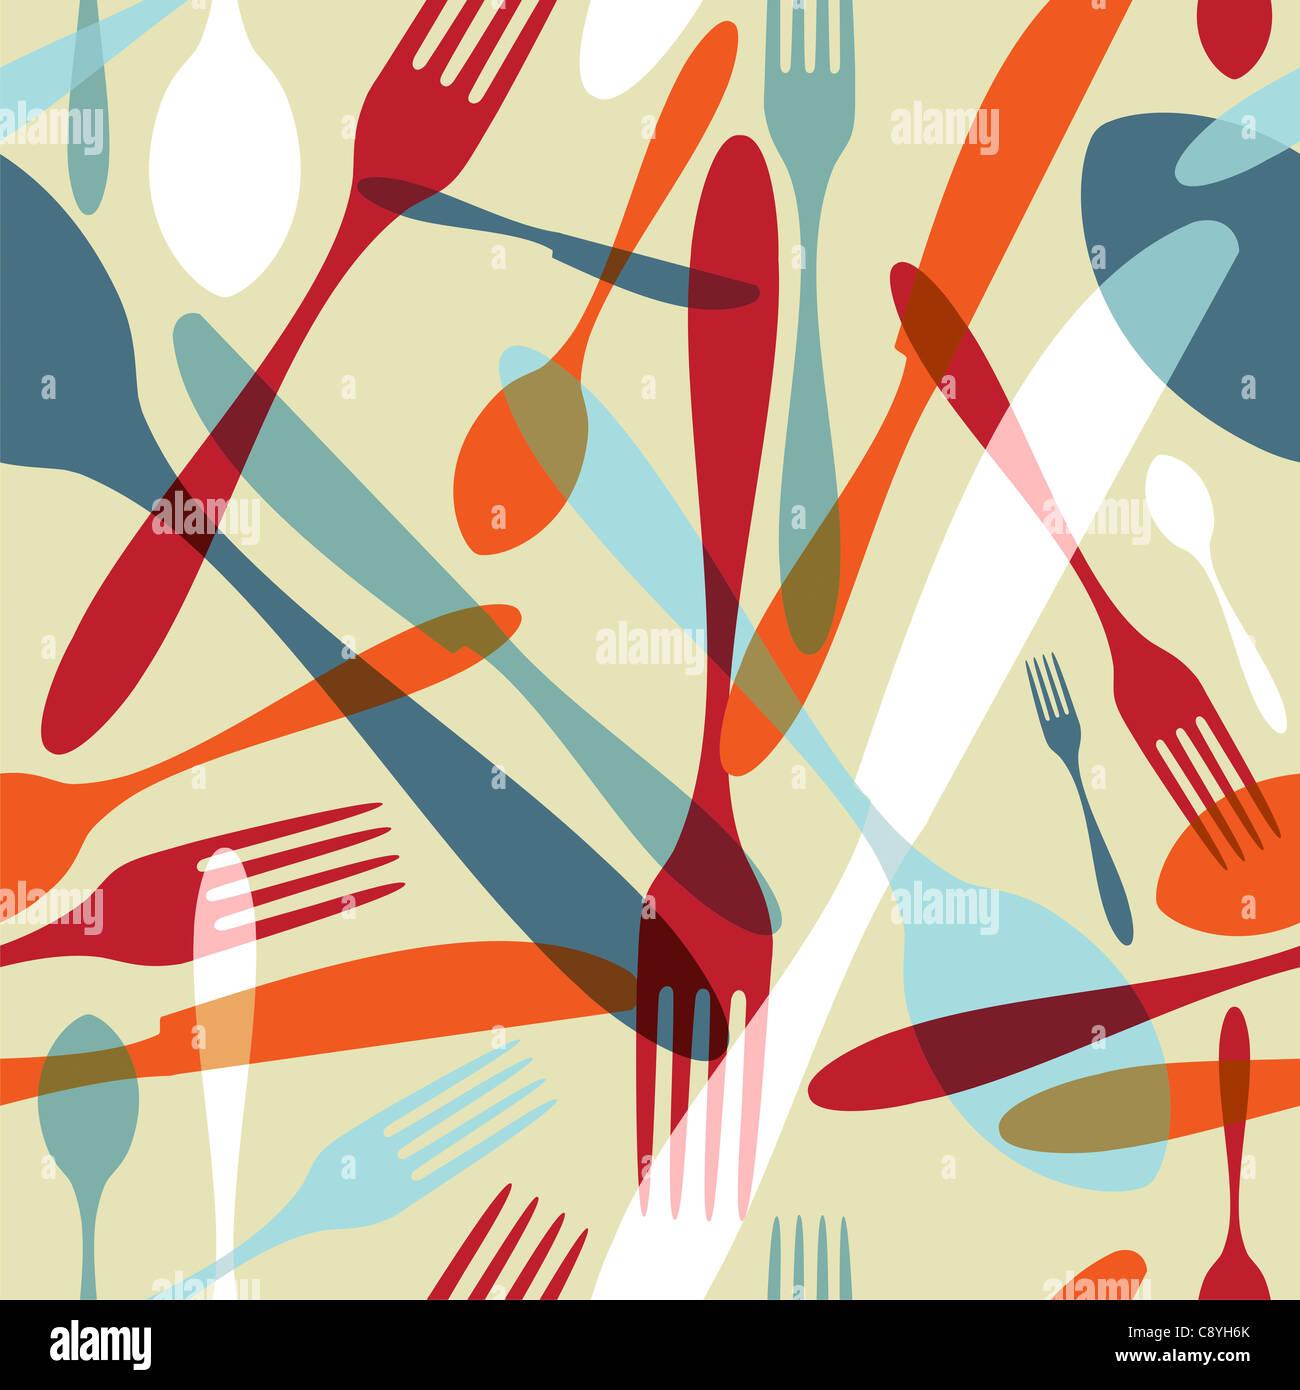 Transparenz Besteck Symbole Musterdesign Hintergrund. Gabel, Messer und Löffel Silhouetten auf verschiedene GrößenStockfoto